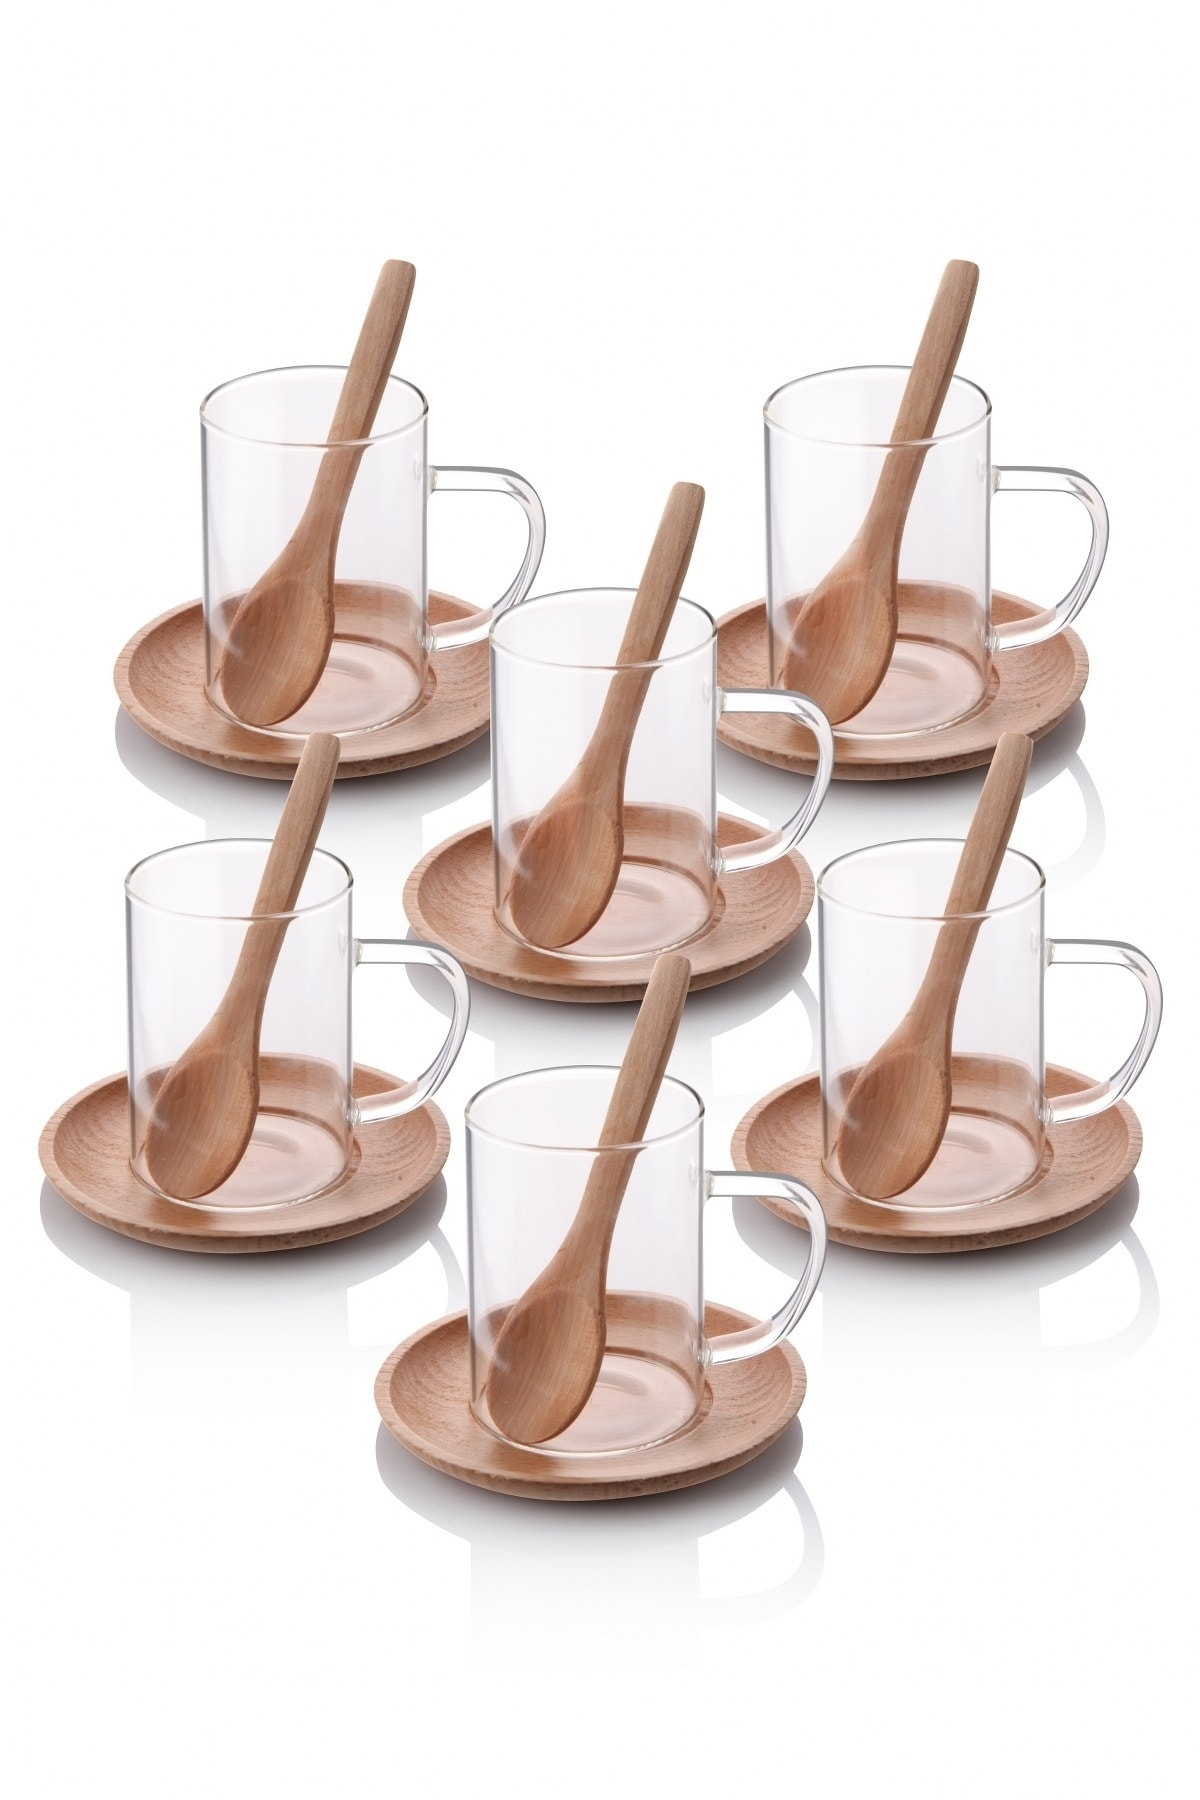 18 قطعة الشاي الزجاج القهوة اسبريسو مجموعة مع الصحن الخشبي وملعقة الخيزران 2021 أدوات المطبخ الحديثة الفاخرة кزخرف Tazas اكواب قهوه